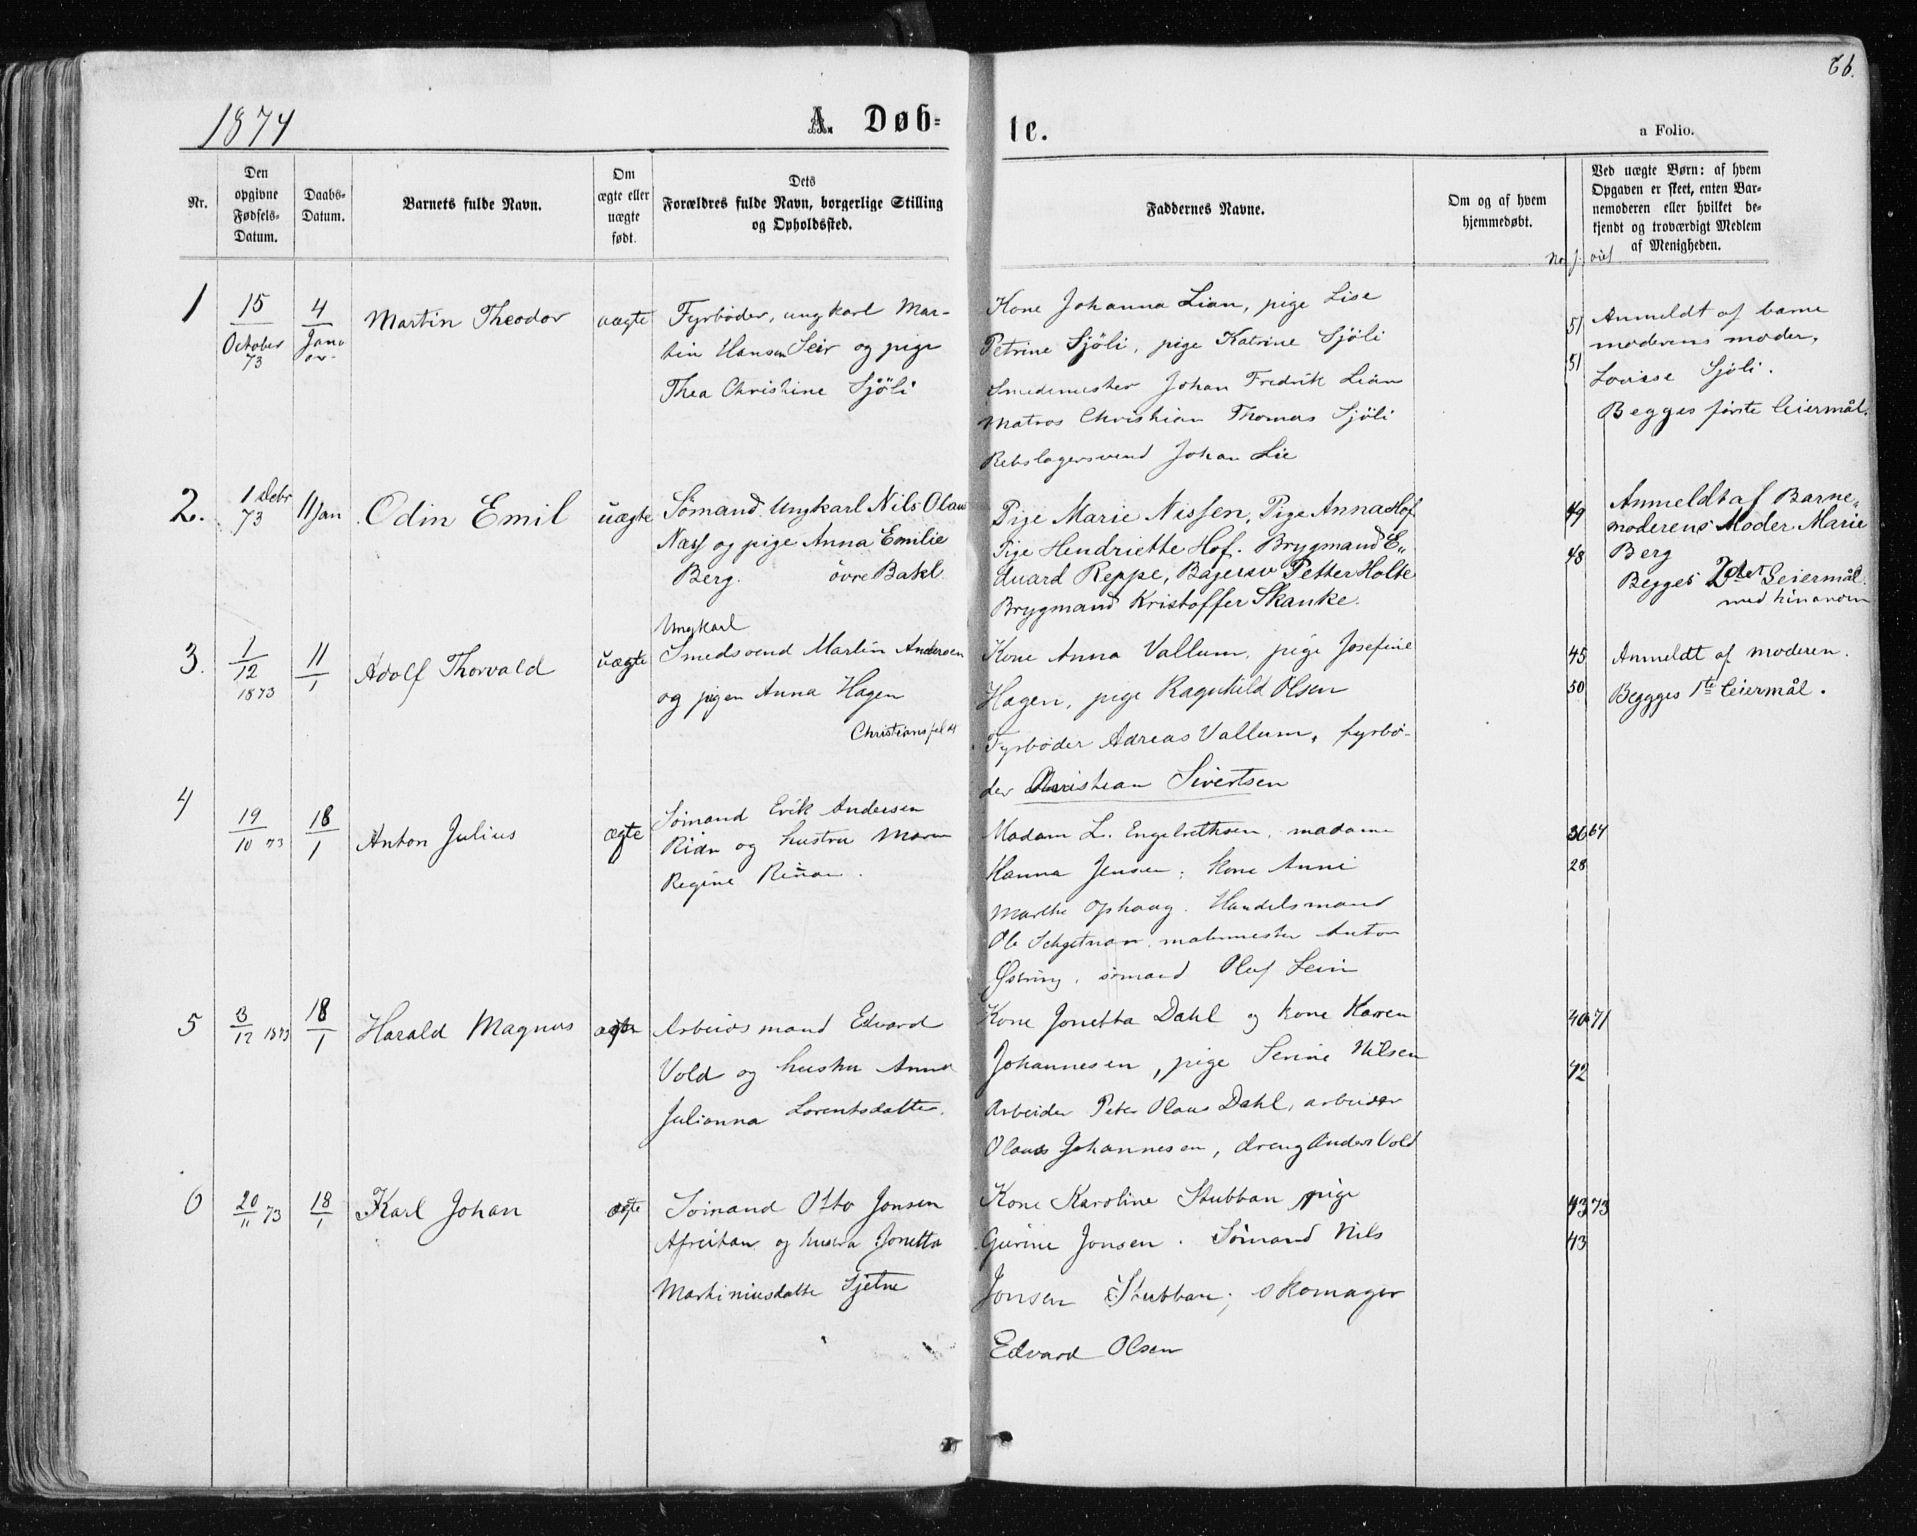 SAT, Ministerialprotokoller, klokkerbøker og fødselsregistre - Sør-Trøndelag, 604/L0186: Ministerialbok nr. 604A07, 1866-1877, s. 66